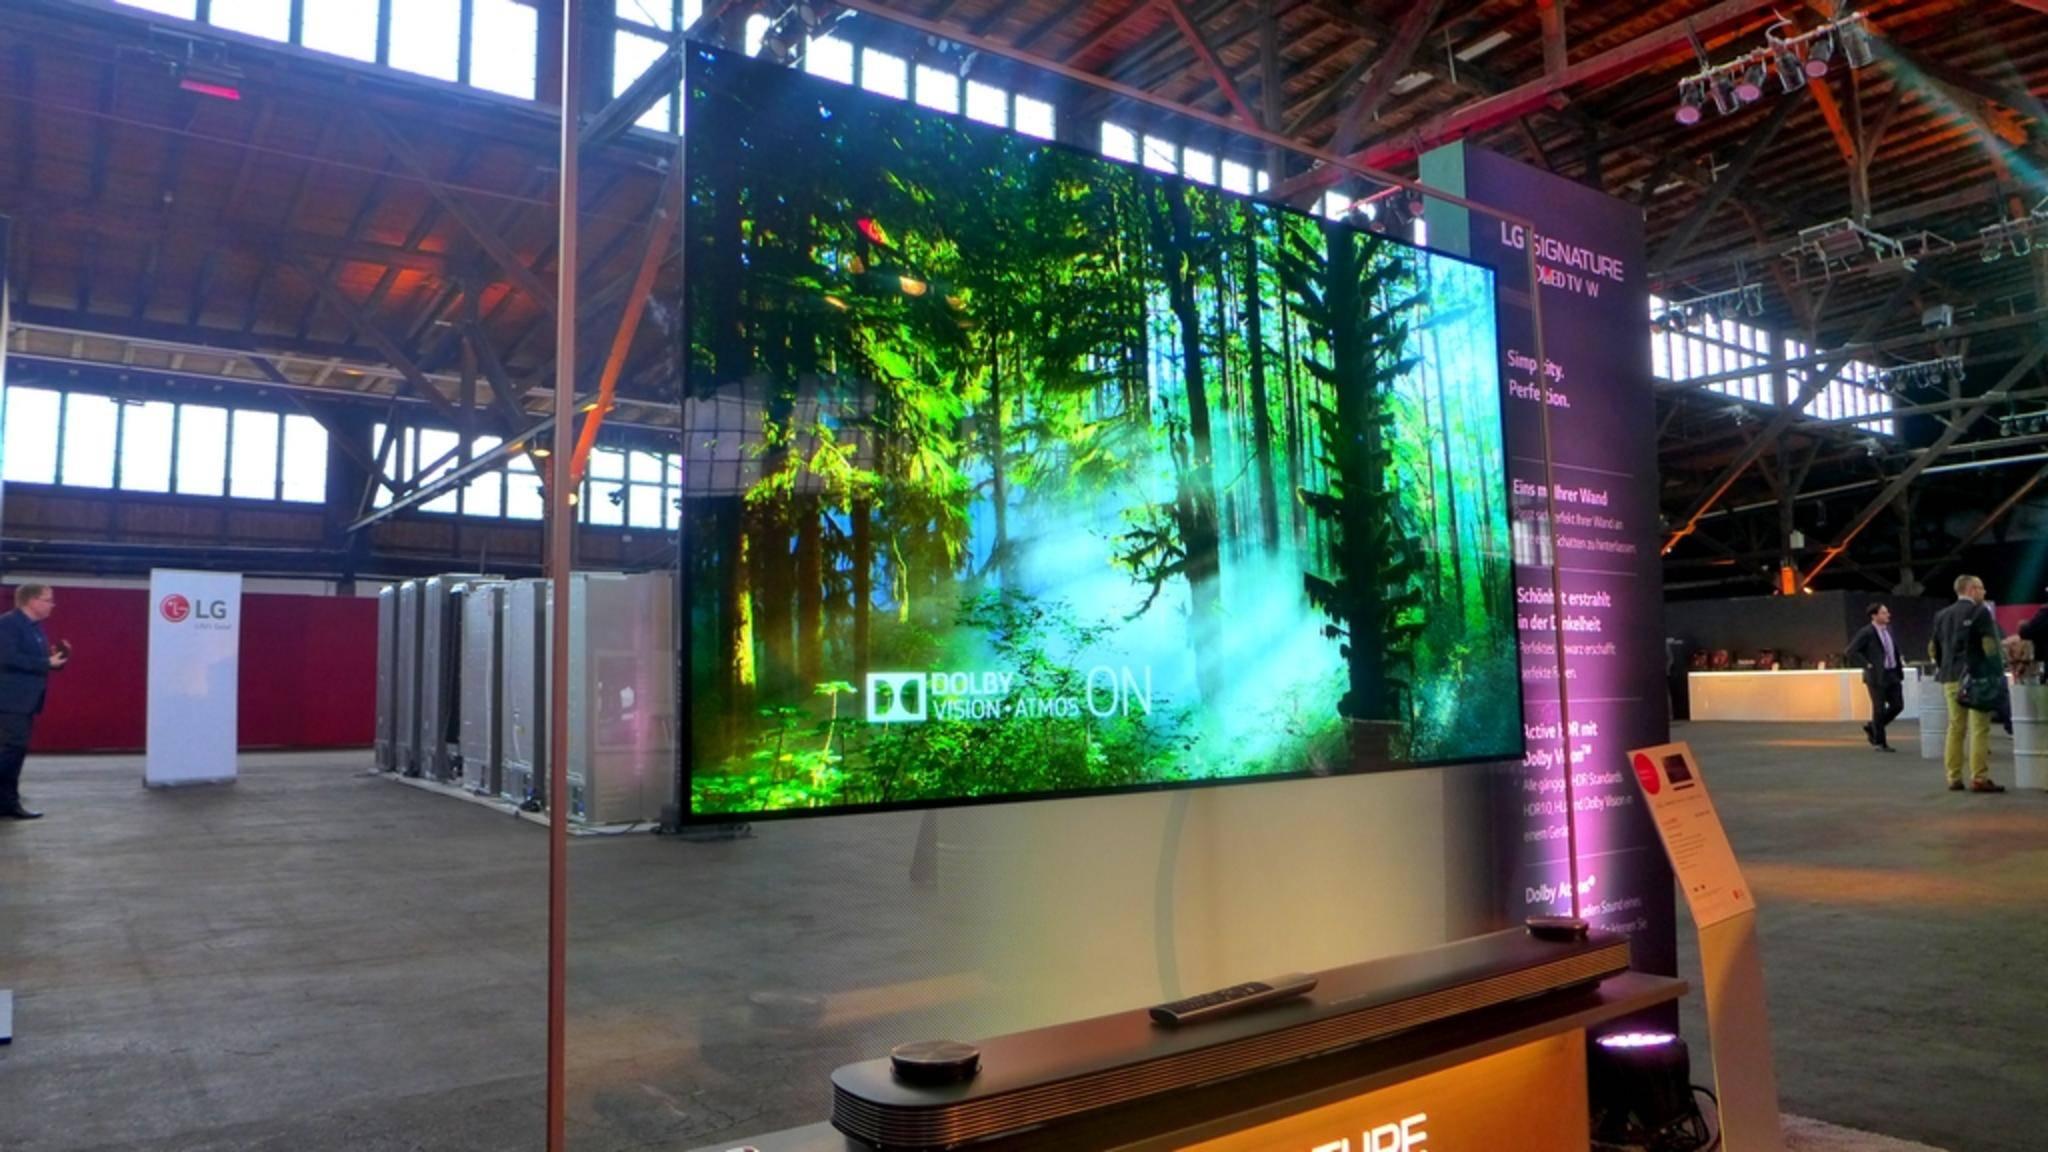 Größter OLED-Fernseher der Welt: LG zeigt gigantischen 88-Zoll-TV